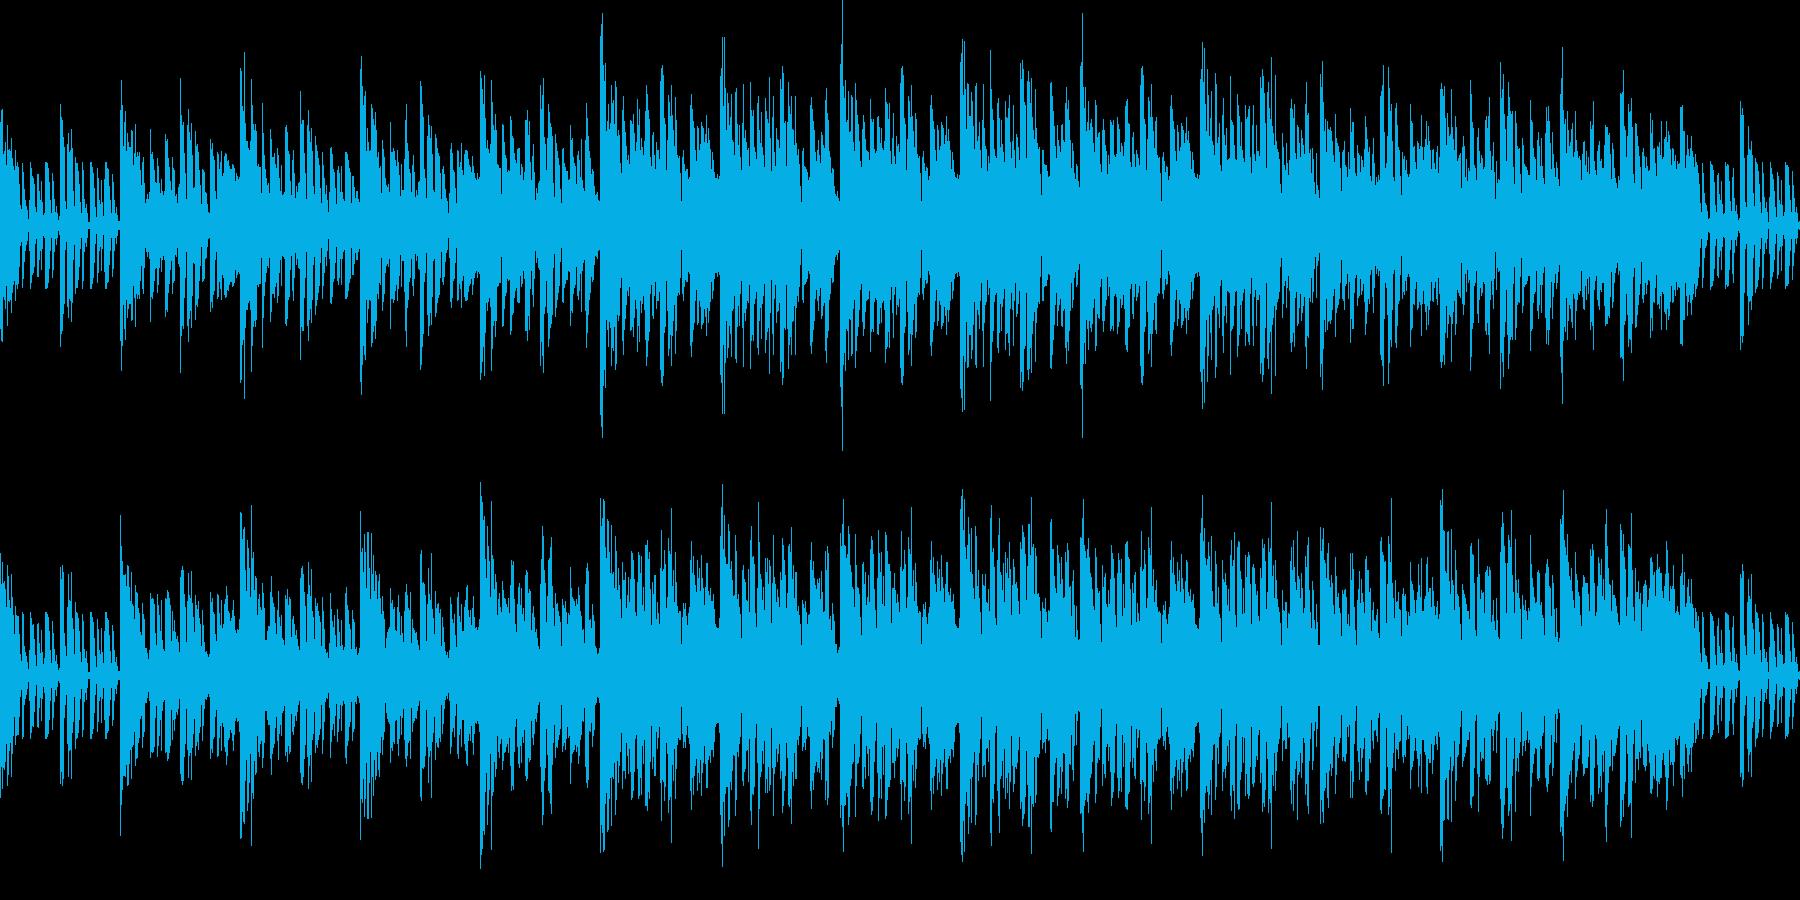 シンセサイザーを使った近未来的なEDMの再生済みの波形